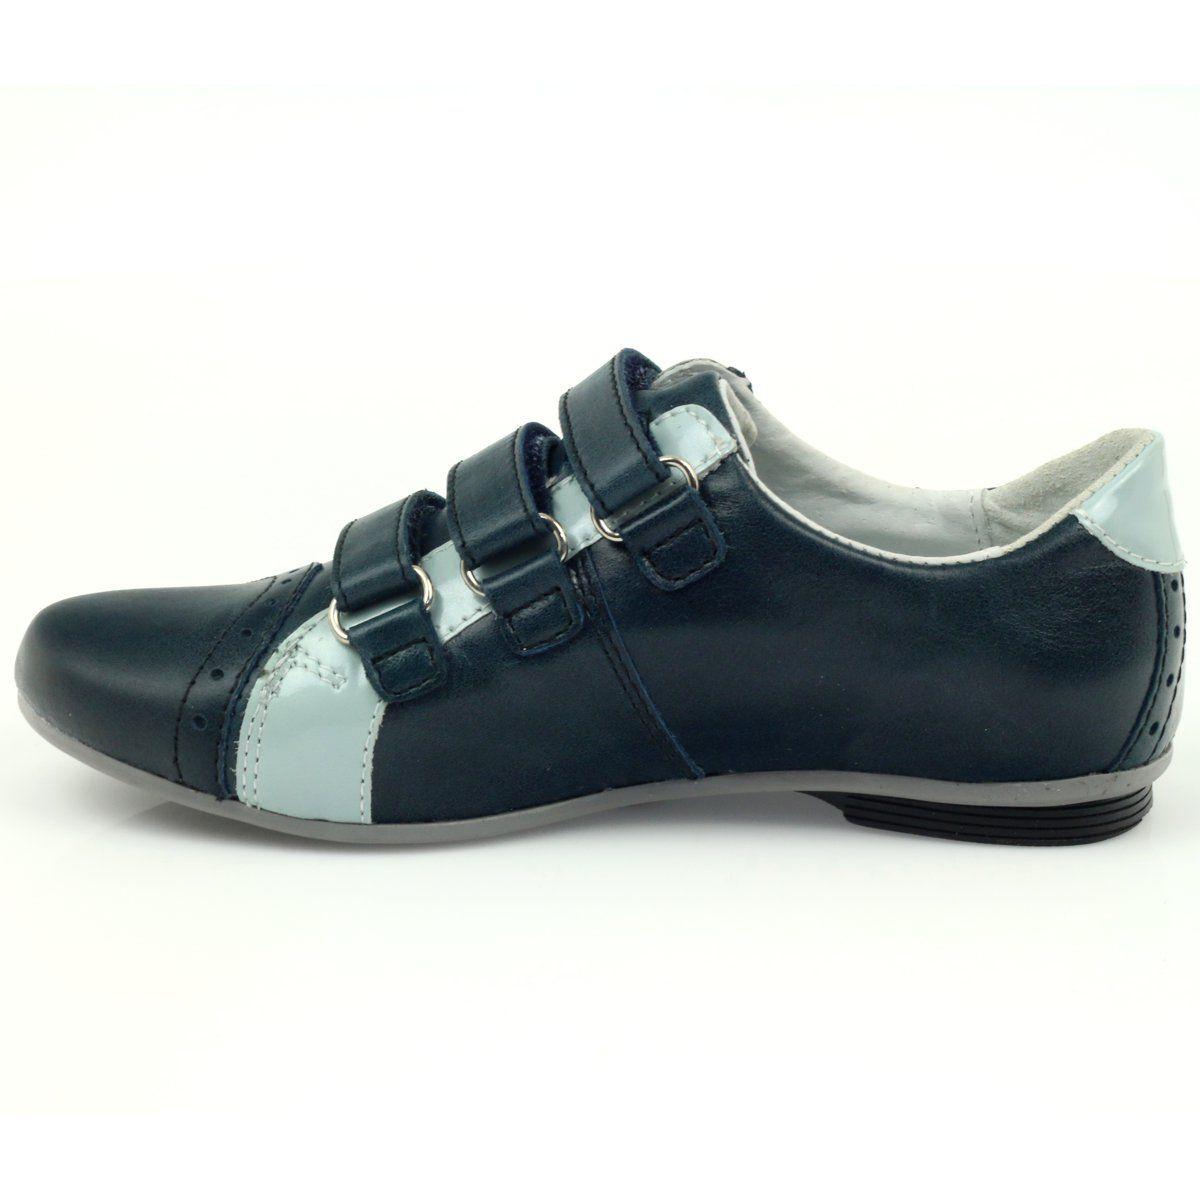 Polbuty I Trzewiki Dzieciece Dla Dzieci Mido Granatowe Skorzane Polbuty Sportowe Mido Dress Shoes Men Oxford Shoes Shoes